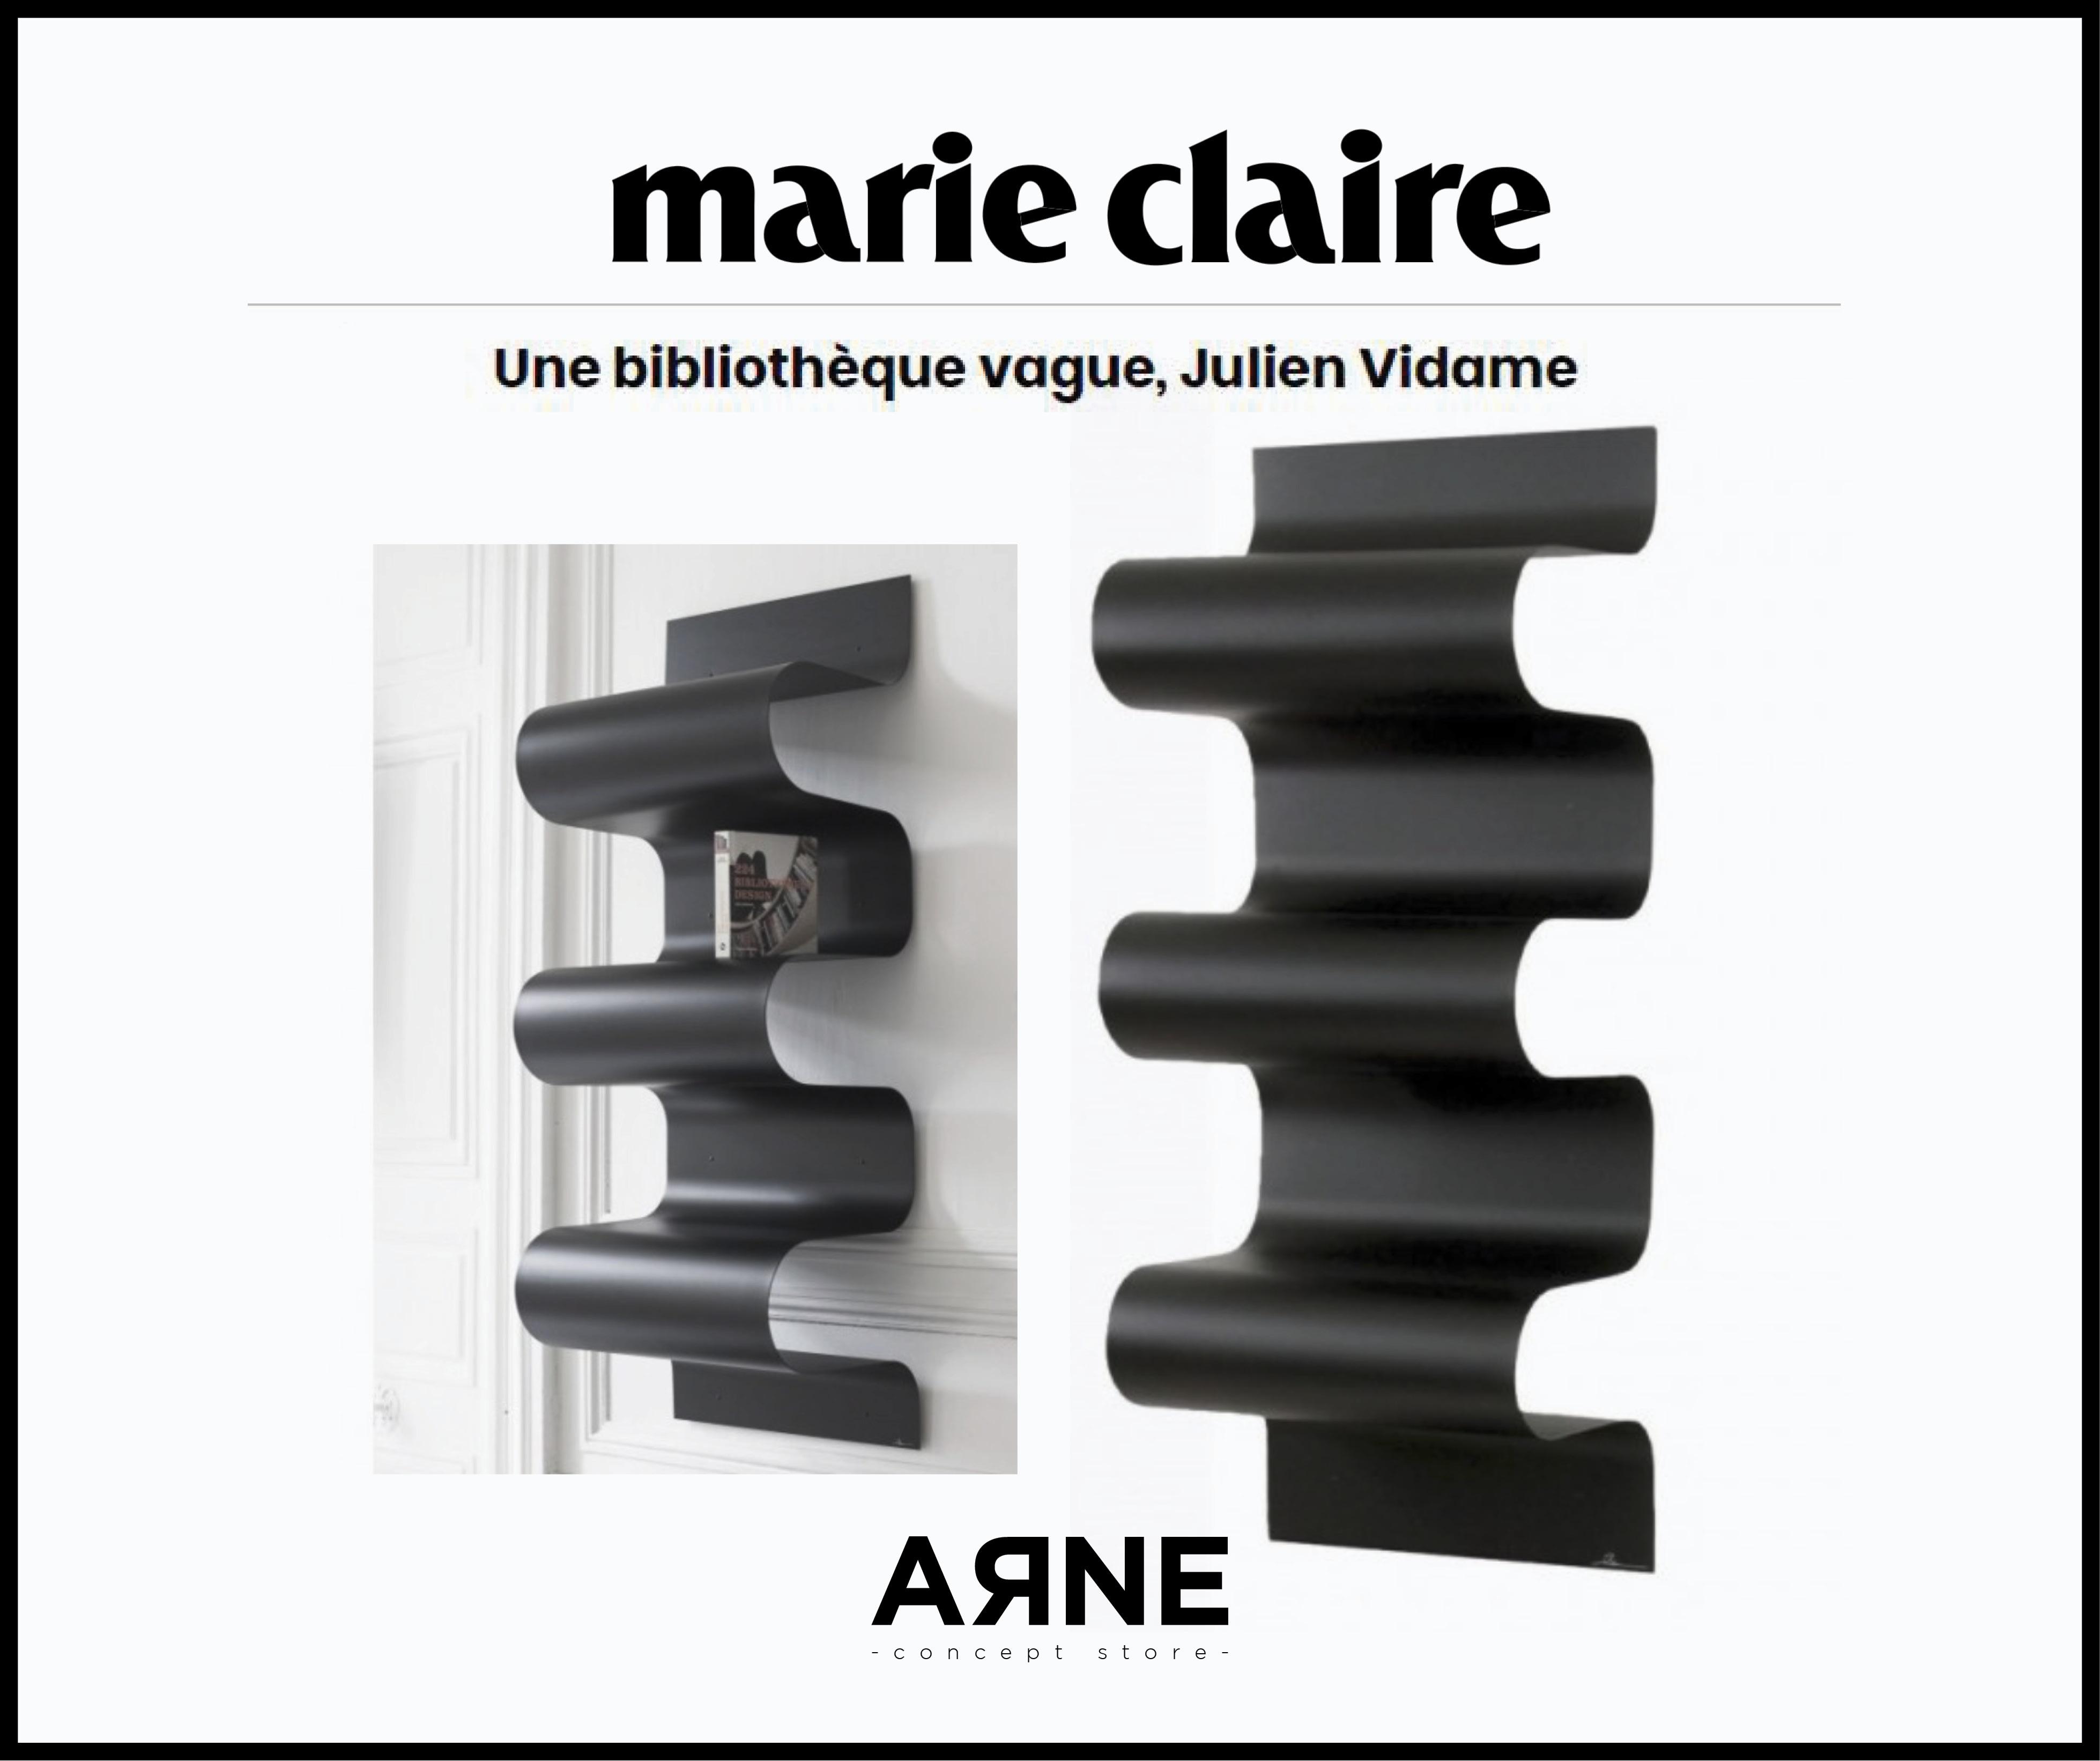 Marie Claire aime l'étagère Vague !